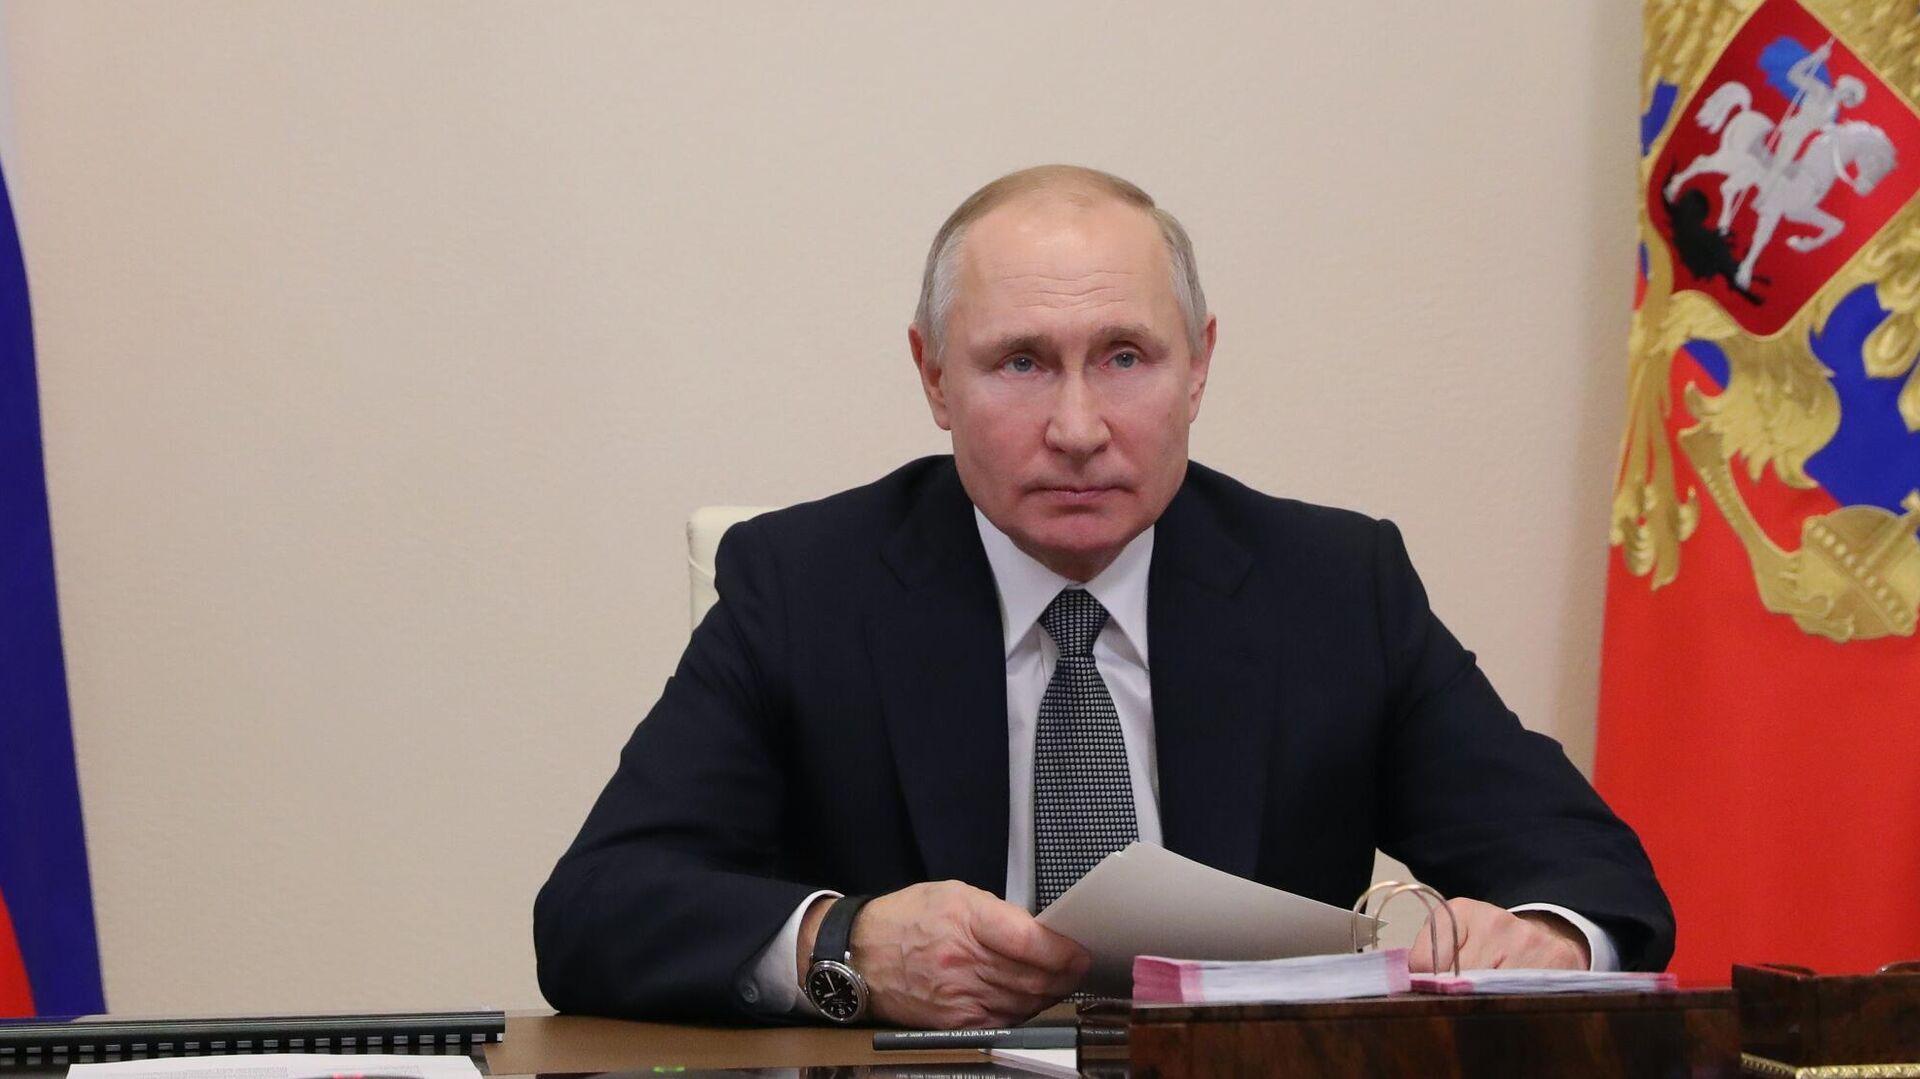 Президент РФ Владимир Путин принимает участие в режиме видеоконференции в совещании судей судов общей юрисдикции и арбитражных судов  - РИА Новости, 1920, 16.02.2021